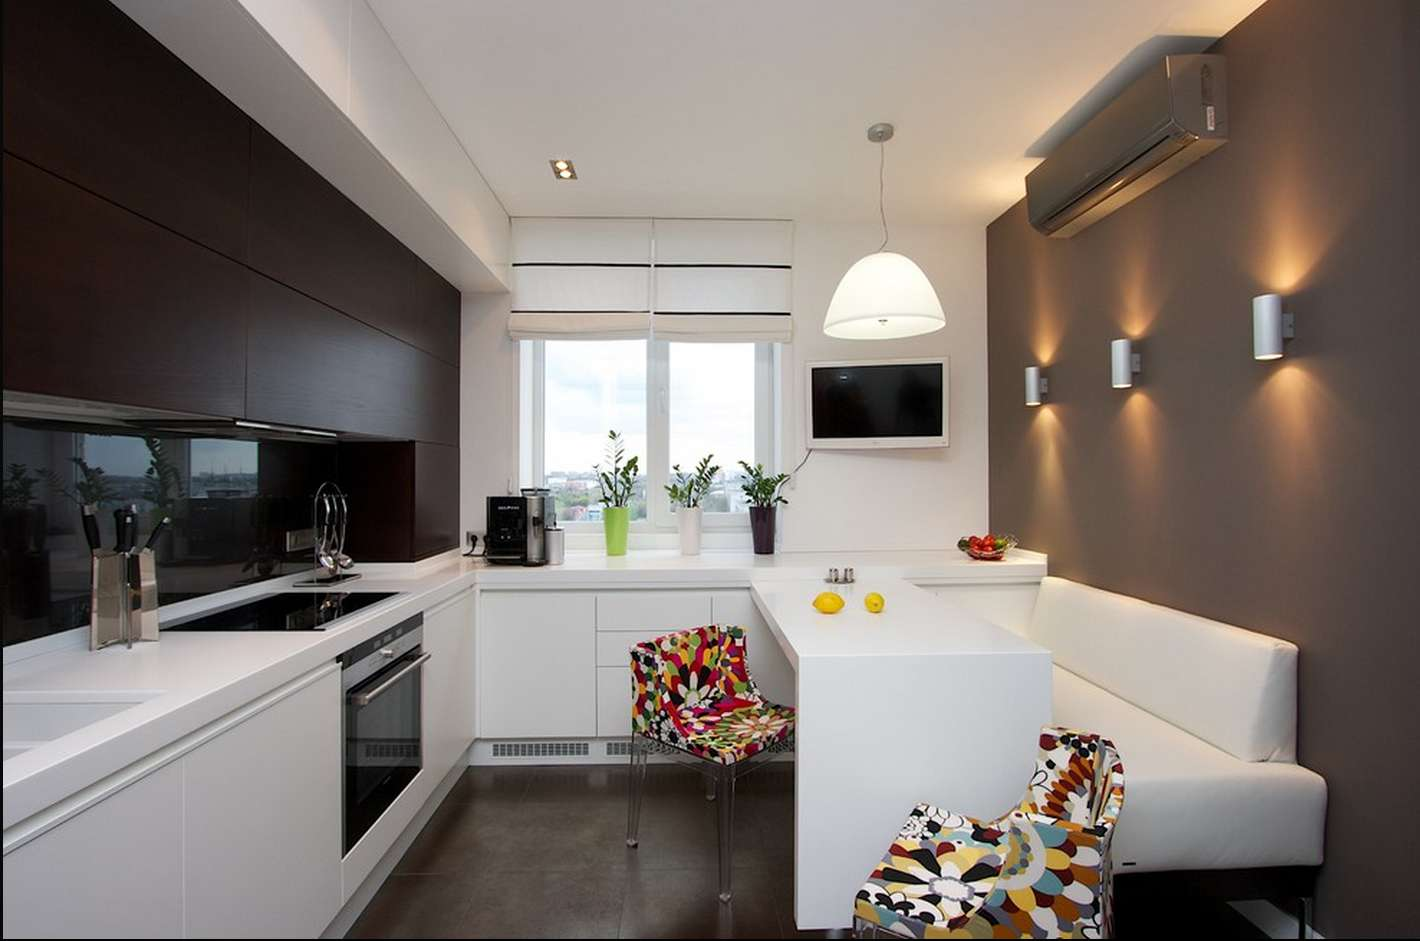 выберите дизайн кухни прямоугольной в картинках агентство, которое